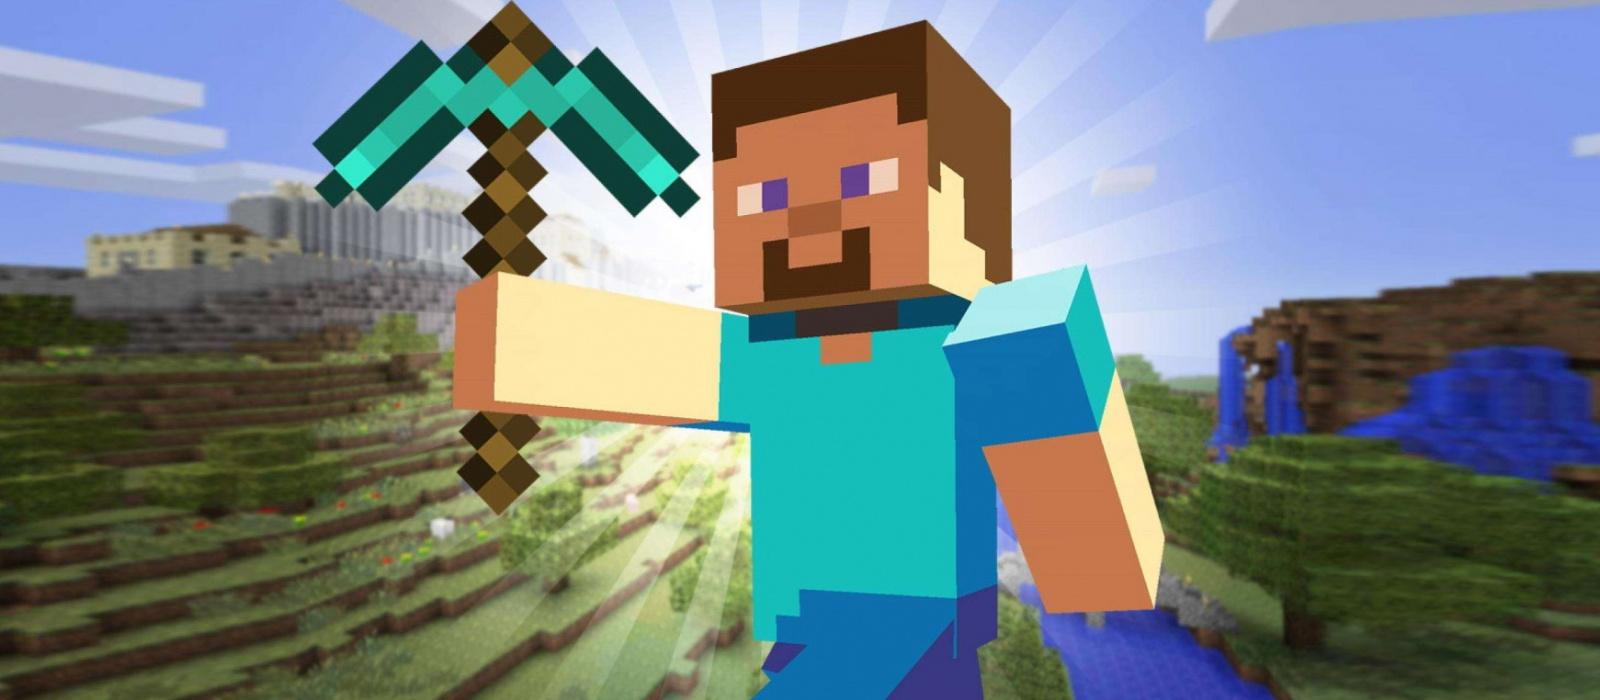 Minecraft wurde ein neuer Mob mit einzigartigen Funktionen hinzugefügt.  Es wurde von 27 Tausend Menschen geschätzt